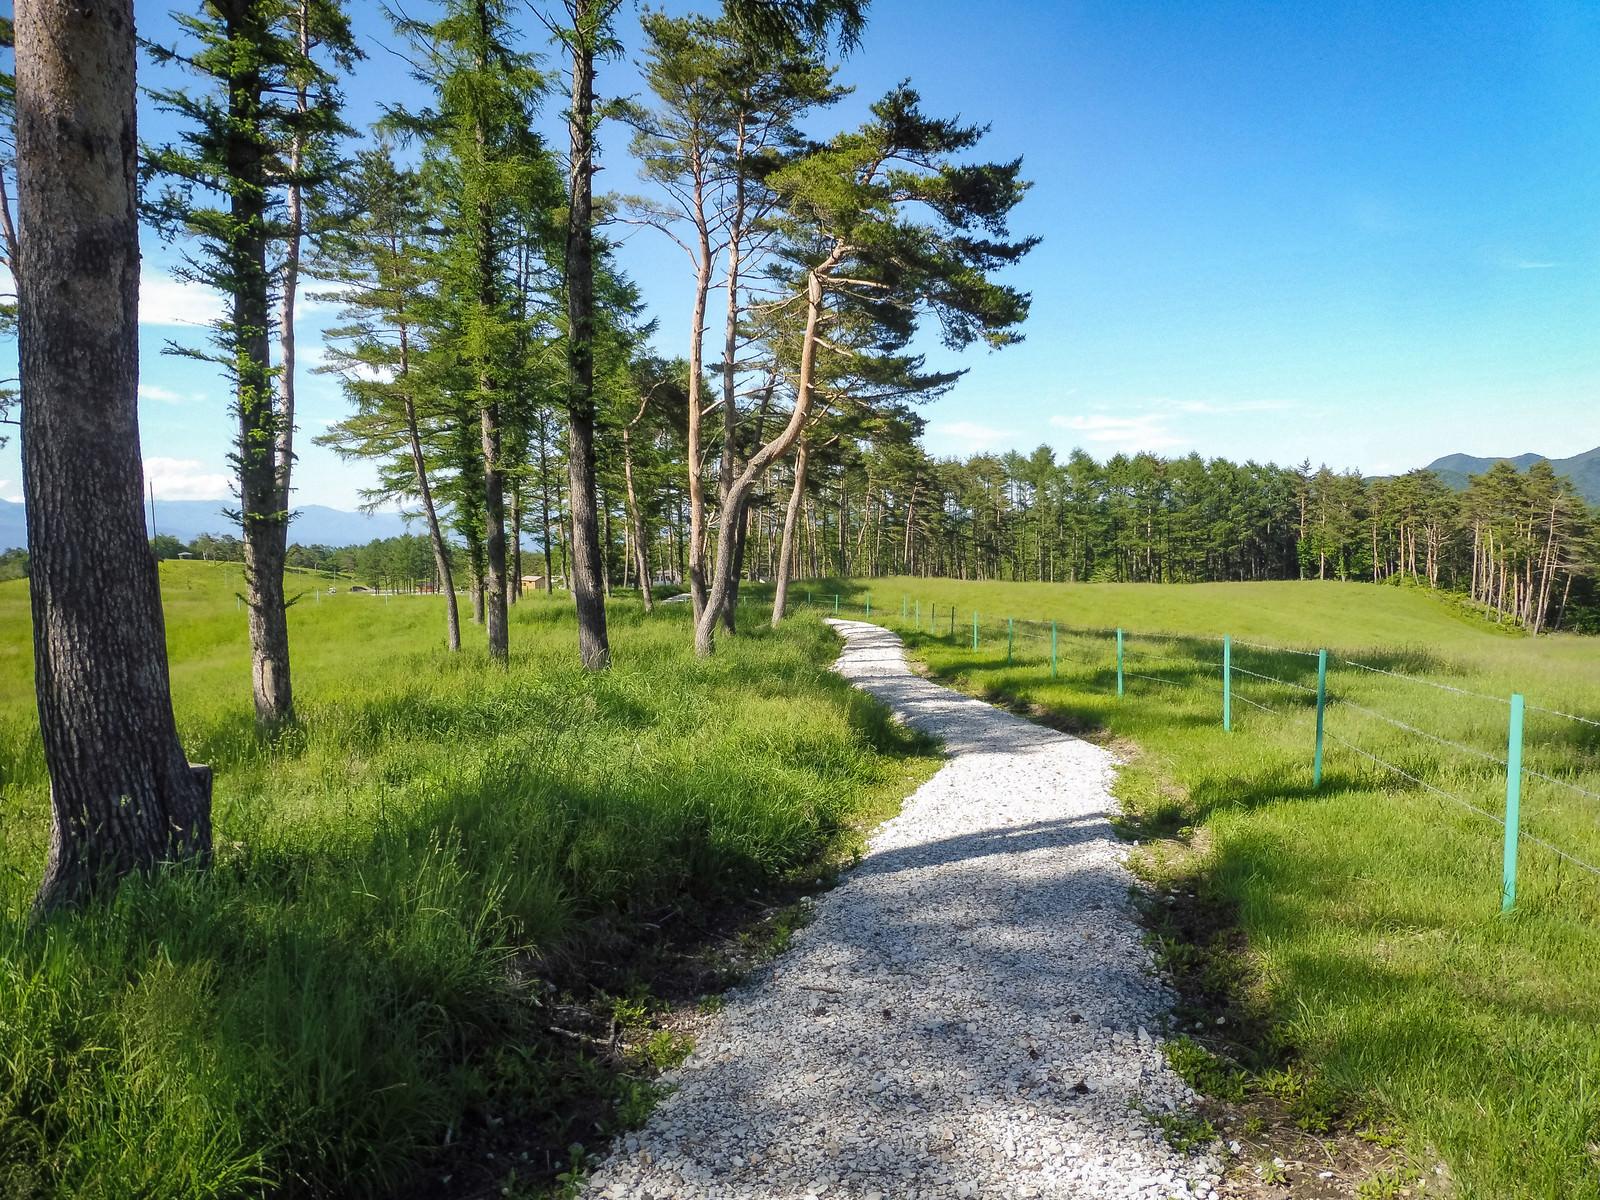 「緑豊かな浅間牧場の遊歩道」の写真